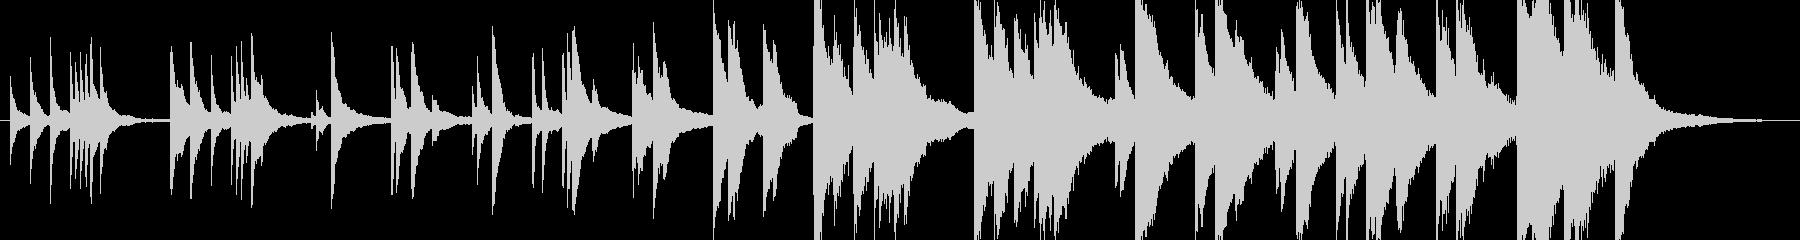 切ない悲しい感動的ピアノバラードの未再生の波形